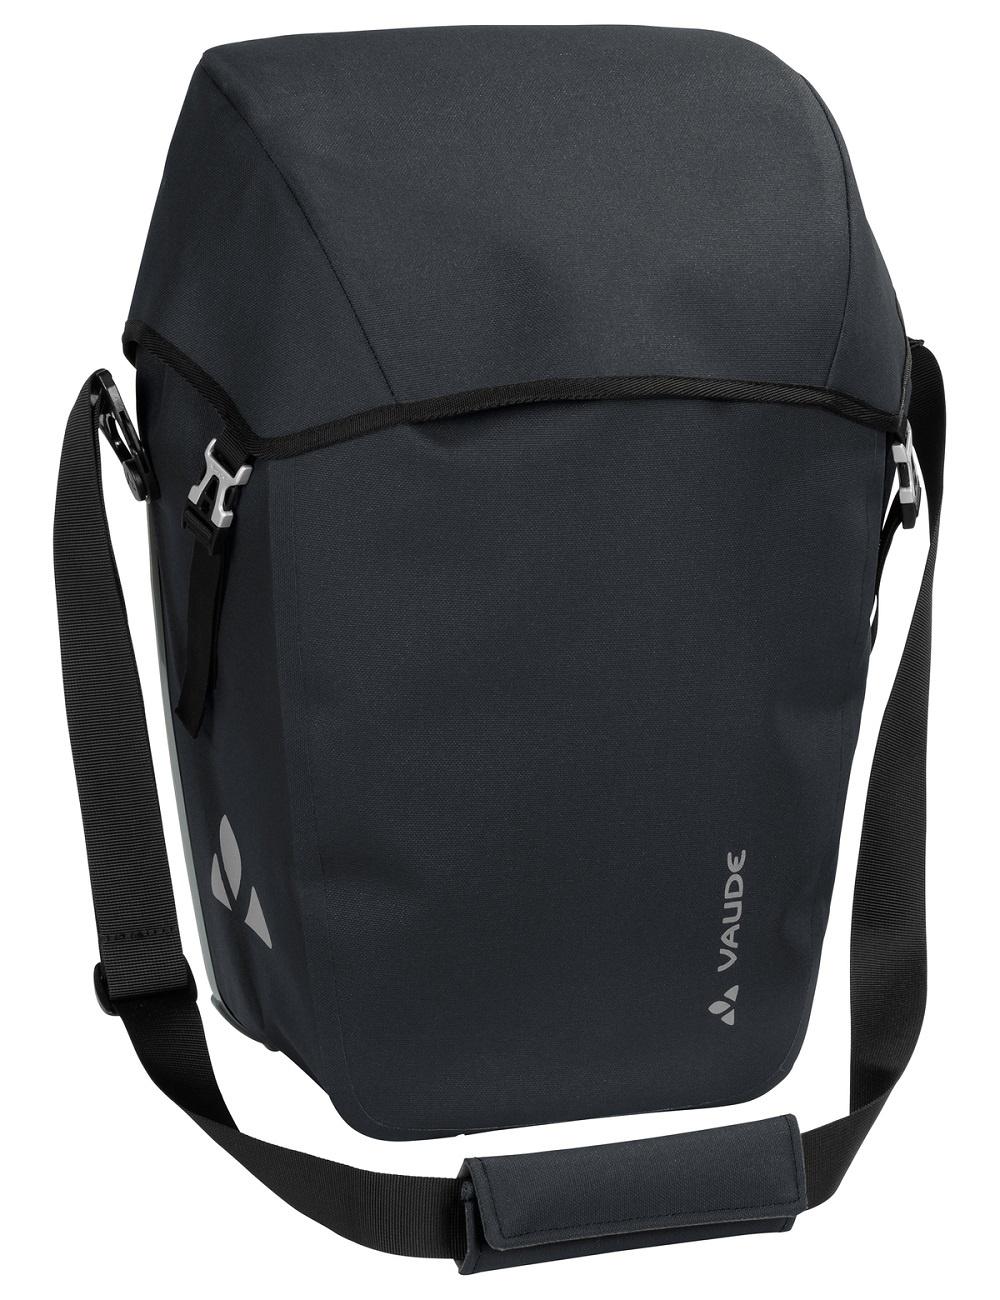 Comyou Pro  26L Phantom Black kopen met voordeel